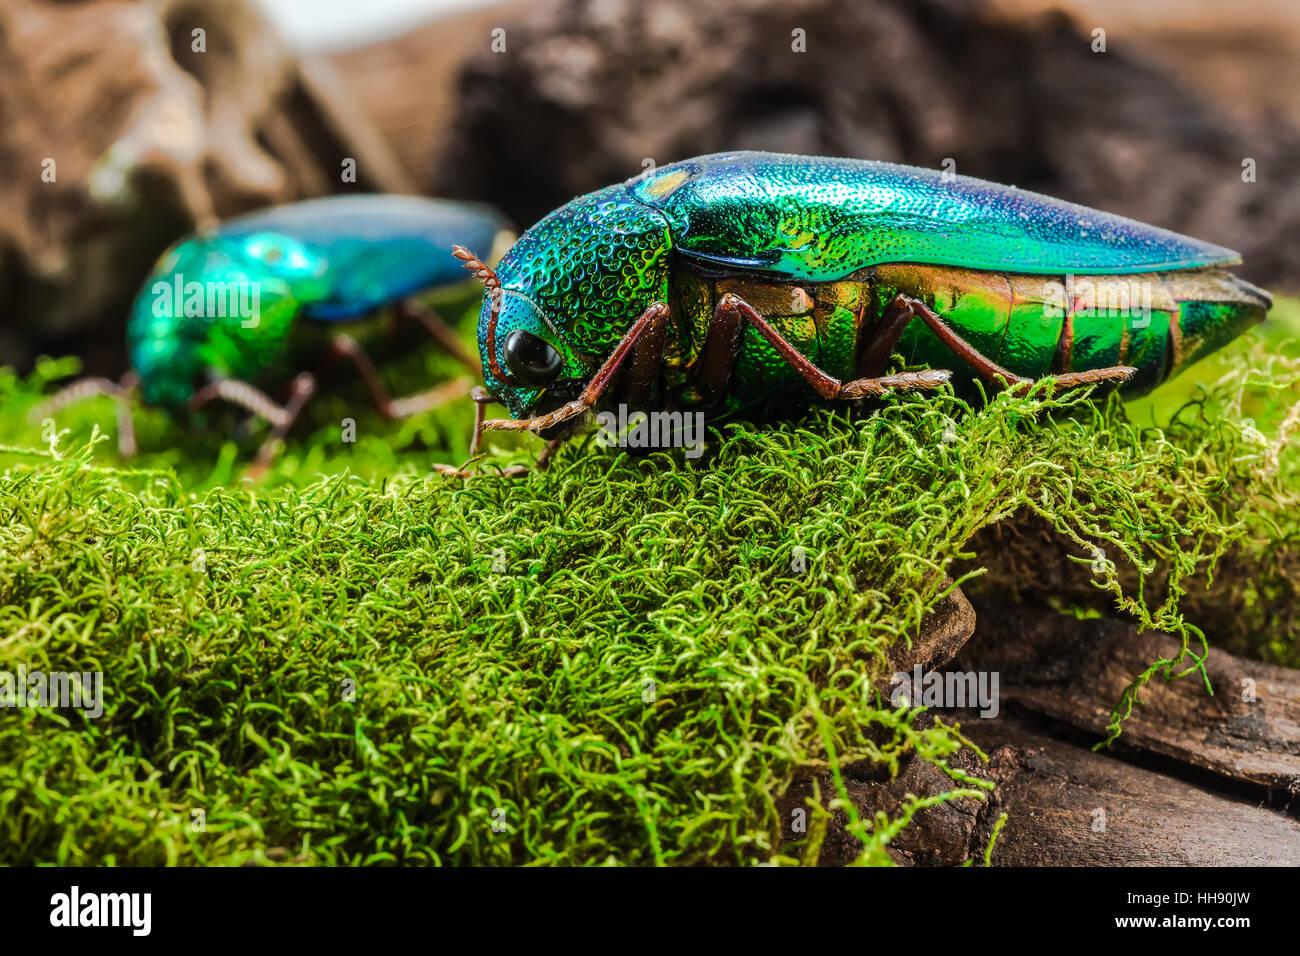 Jewel Beetle (Sternocera ruficornis), Beetle on the stump wood - Stock Image